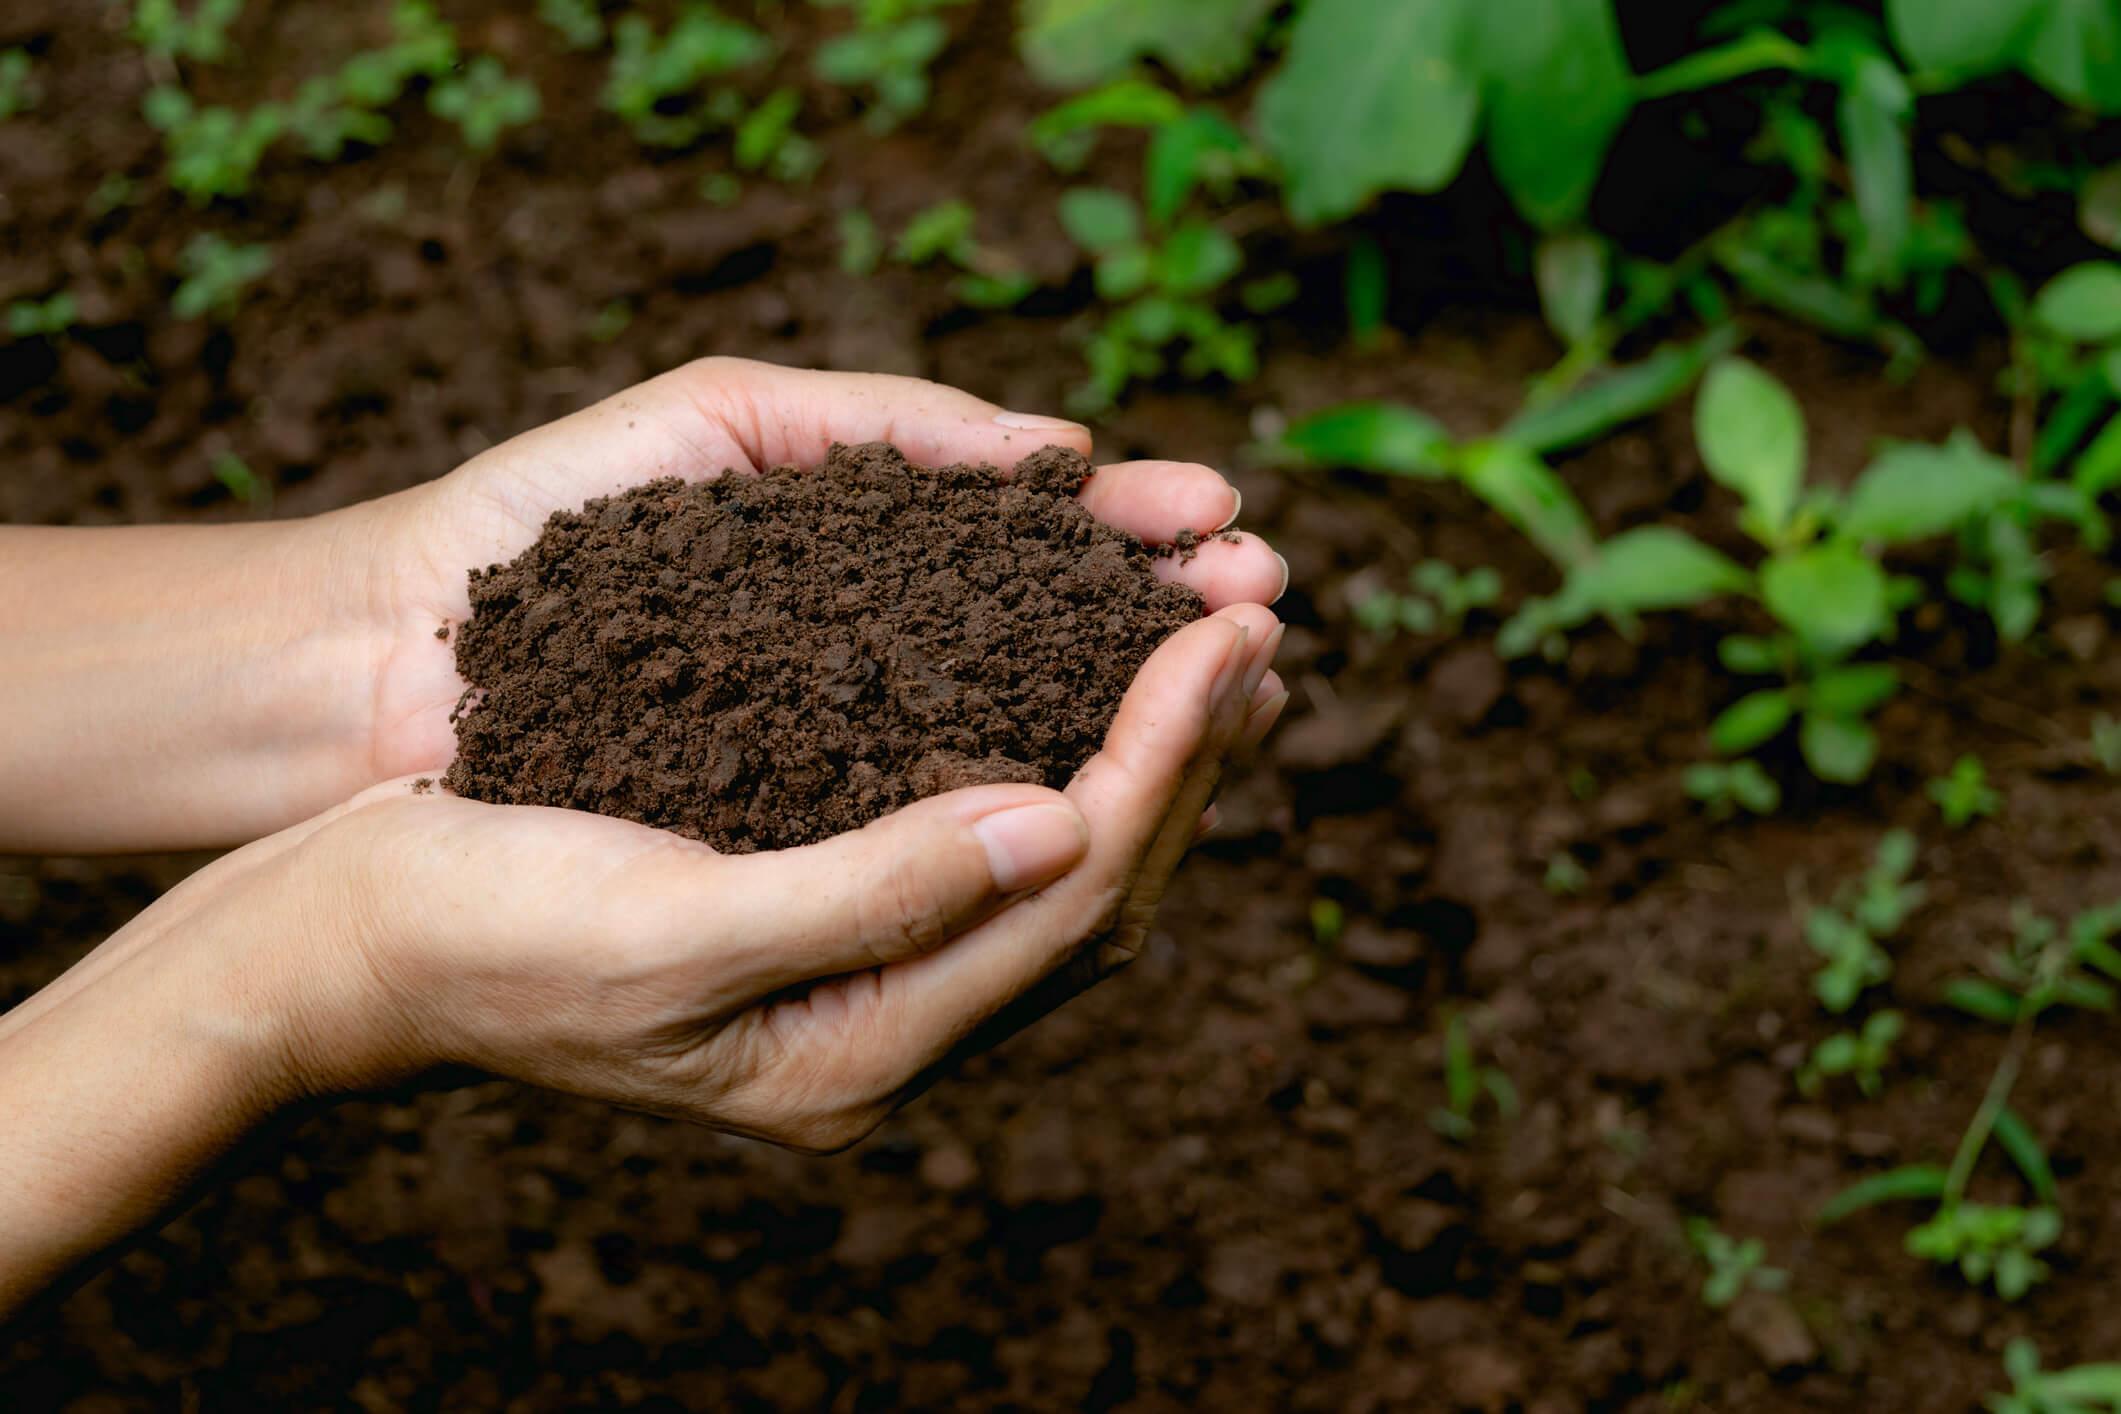 Hands holding fertile soil